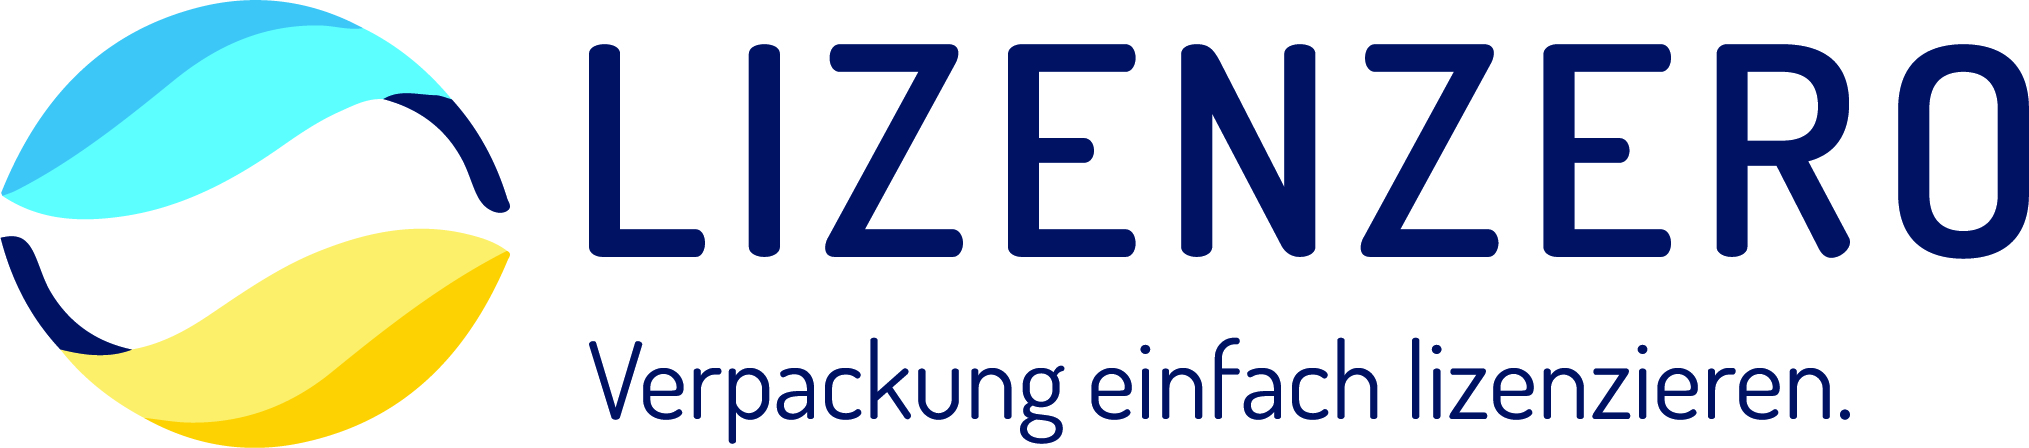 Logo-Lizenzero_bunt-4x-100